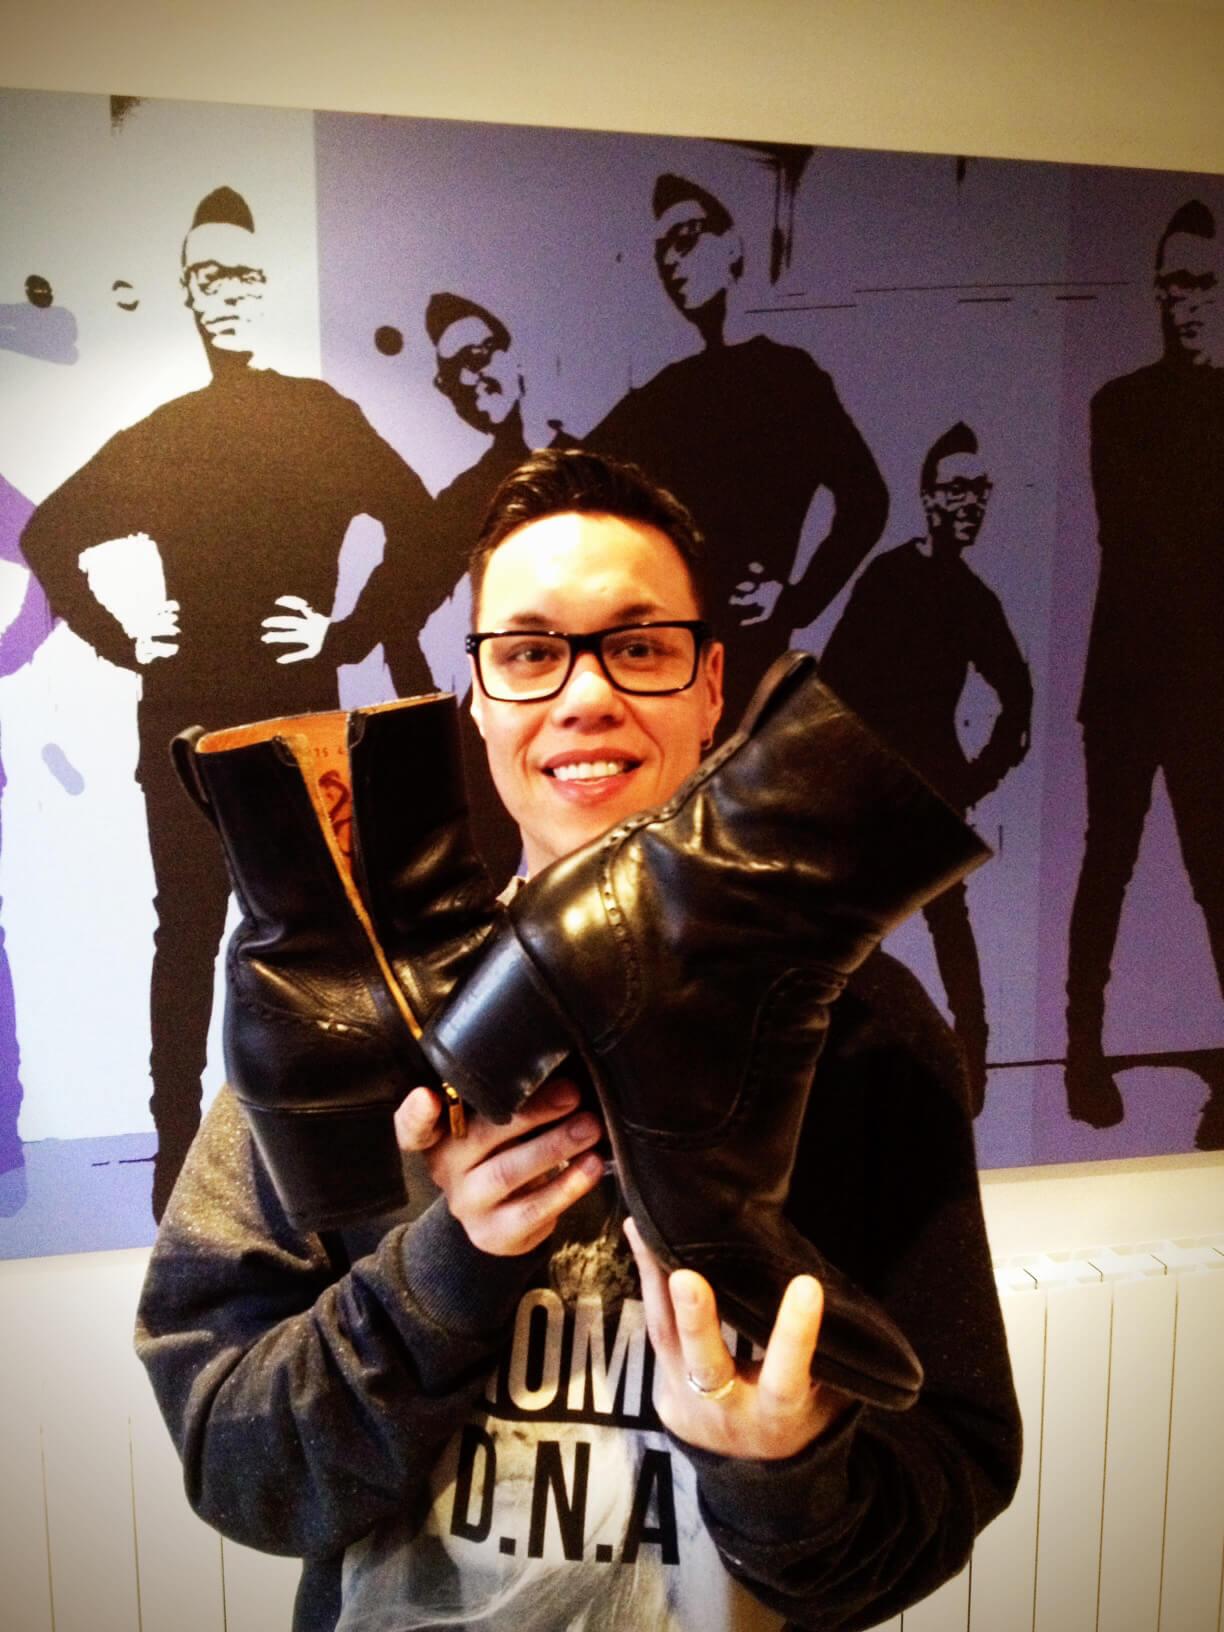 GokWanSmallStepsWithShoes1